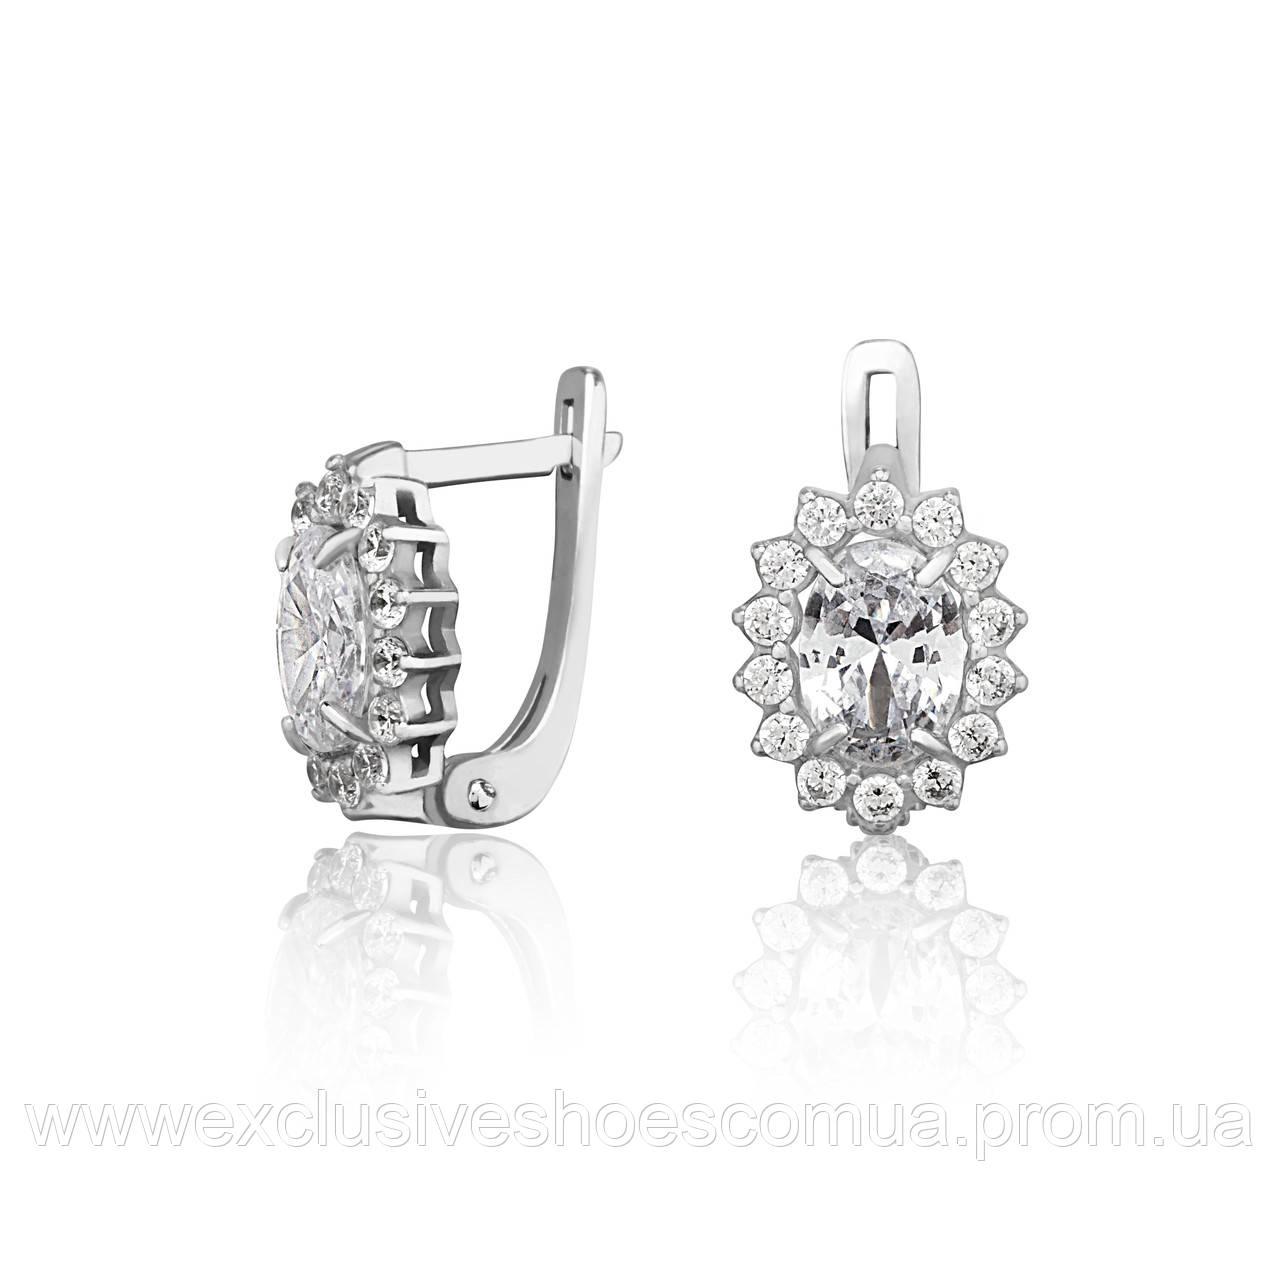 """Серебряные серьги """"Бель"""" с фианитами, арт-920136б"""